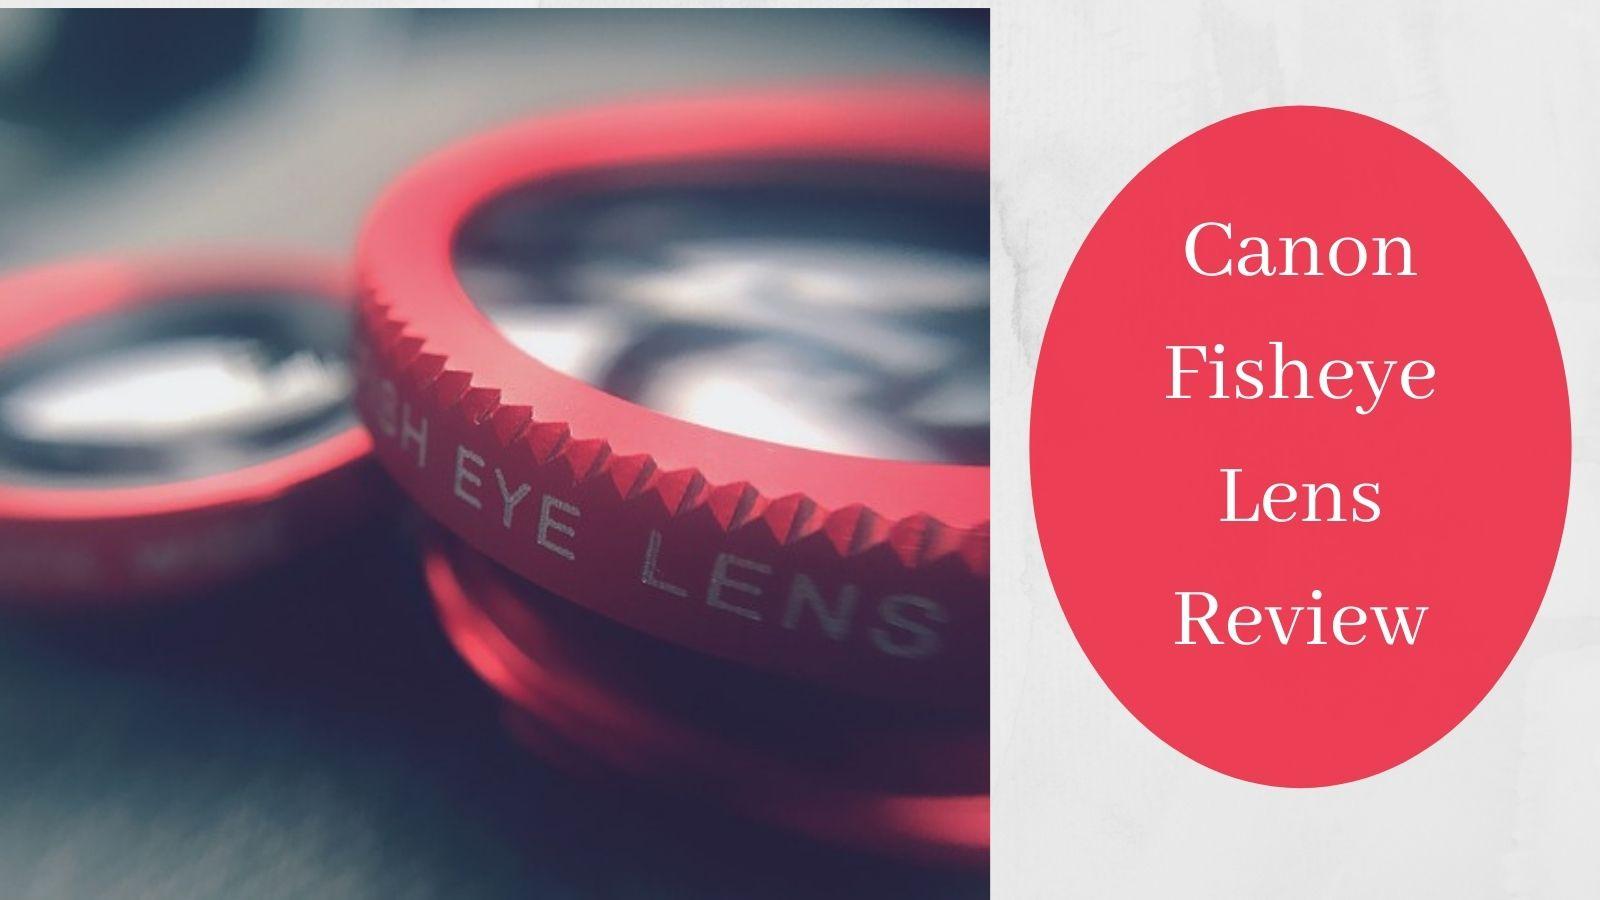 Canon Fisheye Lens Review - Fisheye Lens Cap